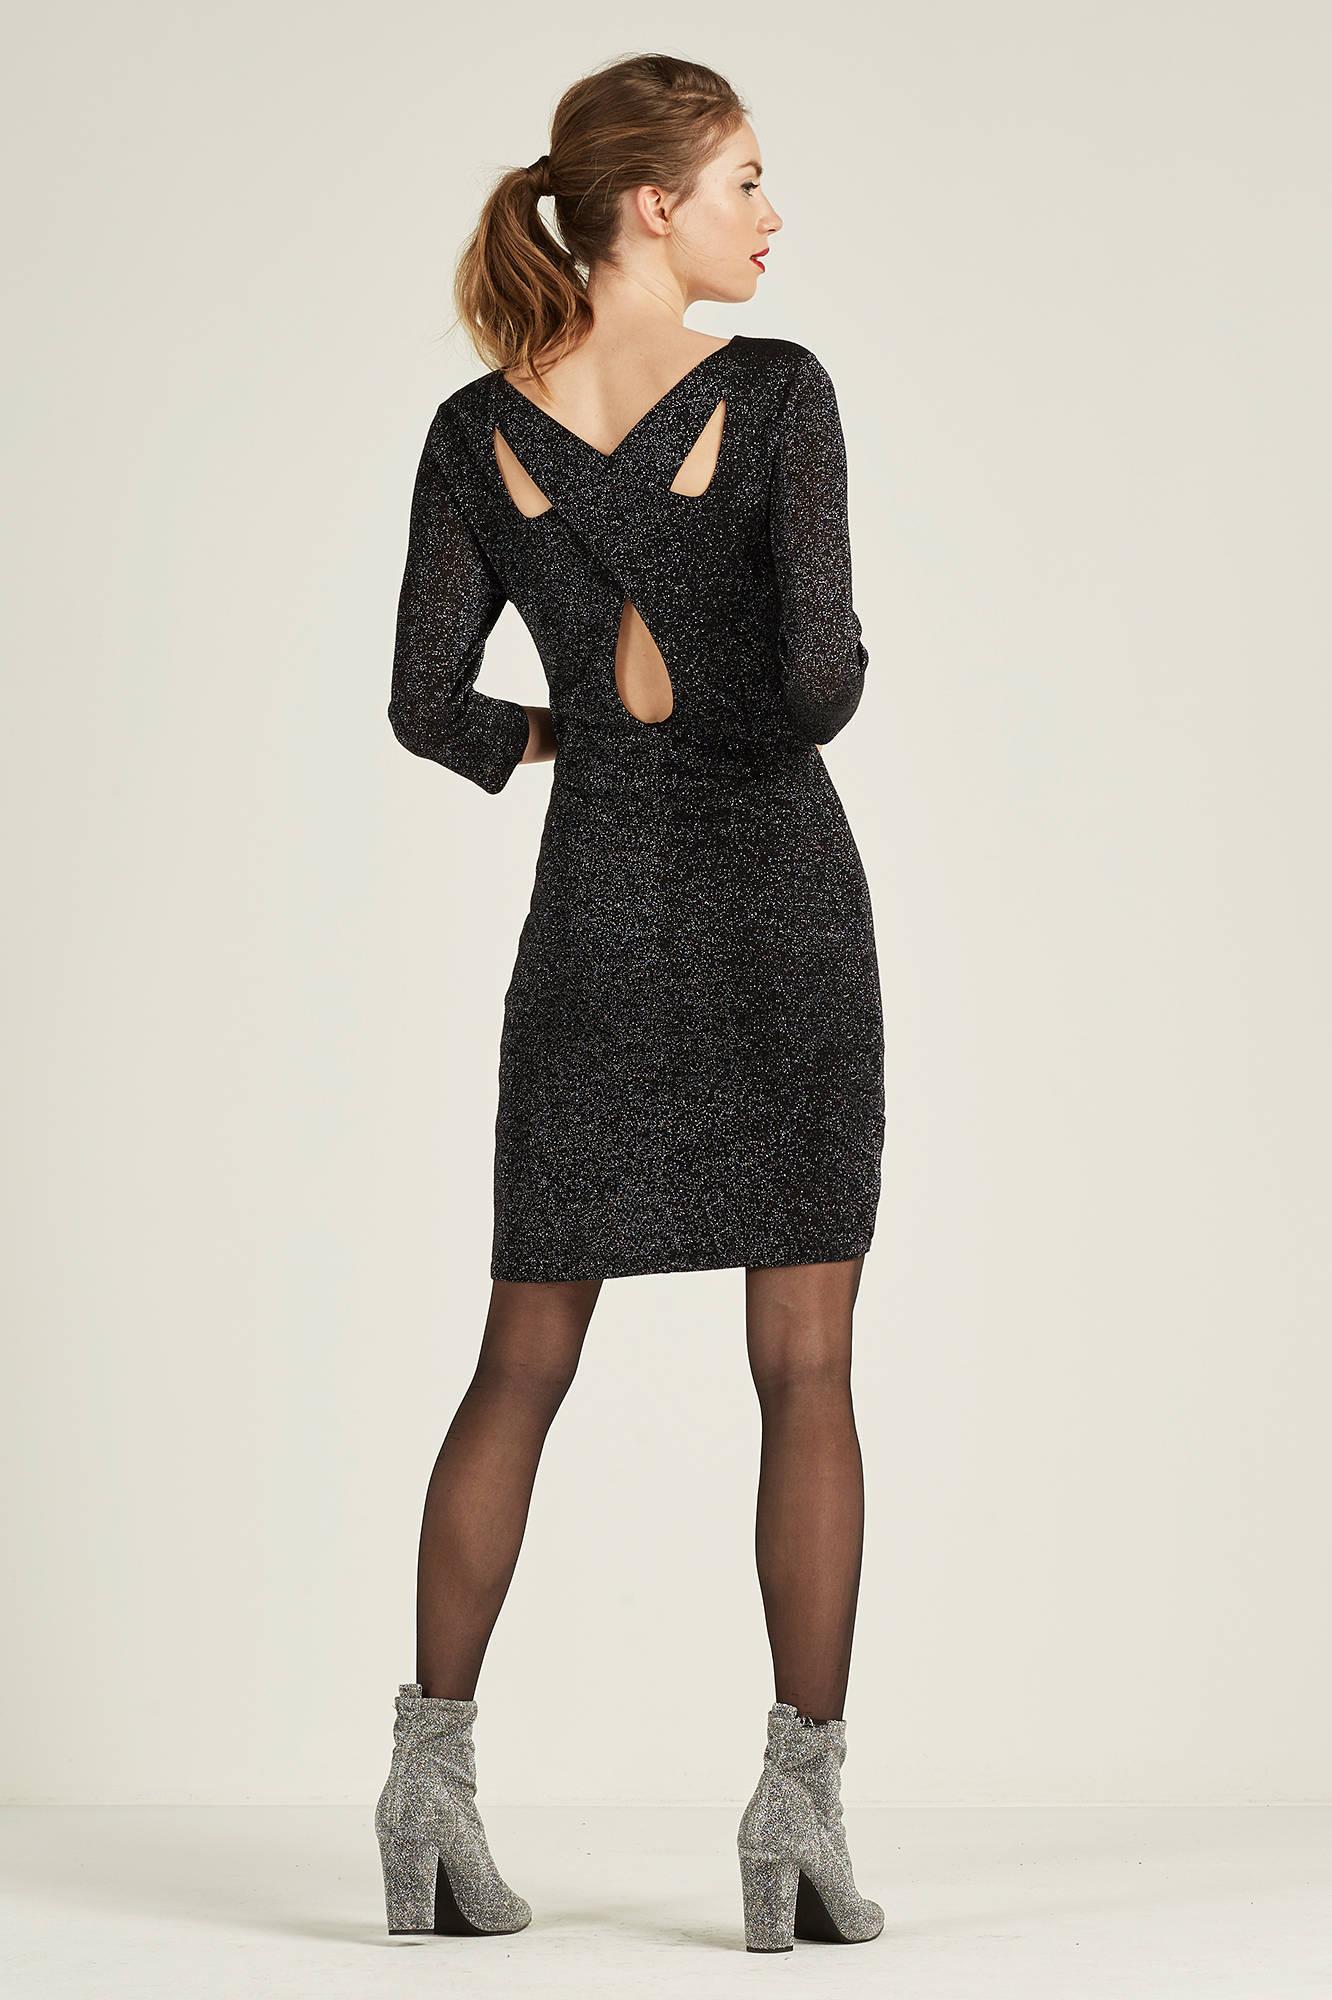 dd138e1ed60760 VERO MODA glitter jurk met open rugdetail